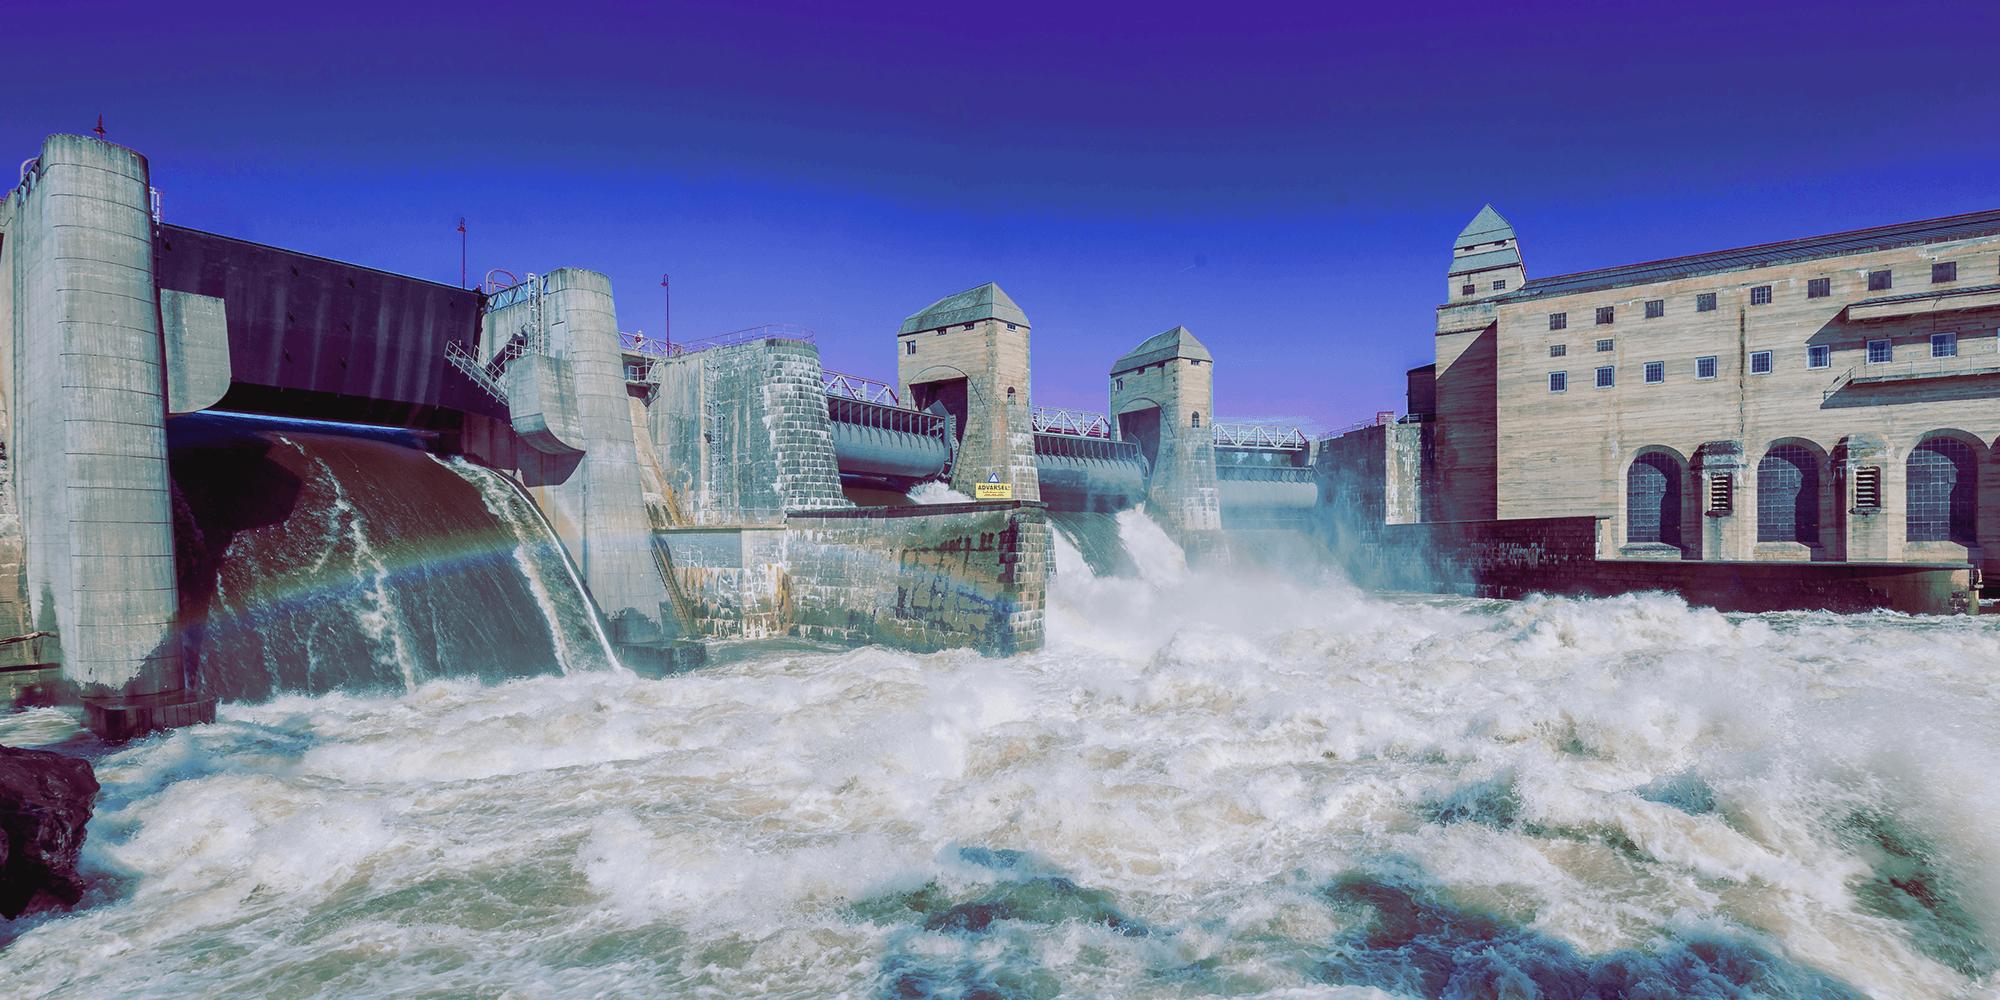 Bilde av en et vannkraftverk for å illustrere et mulig opphav til strøm